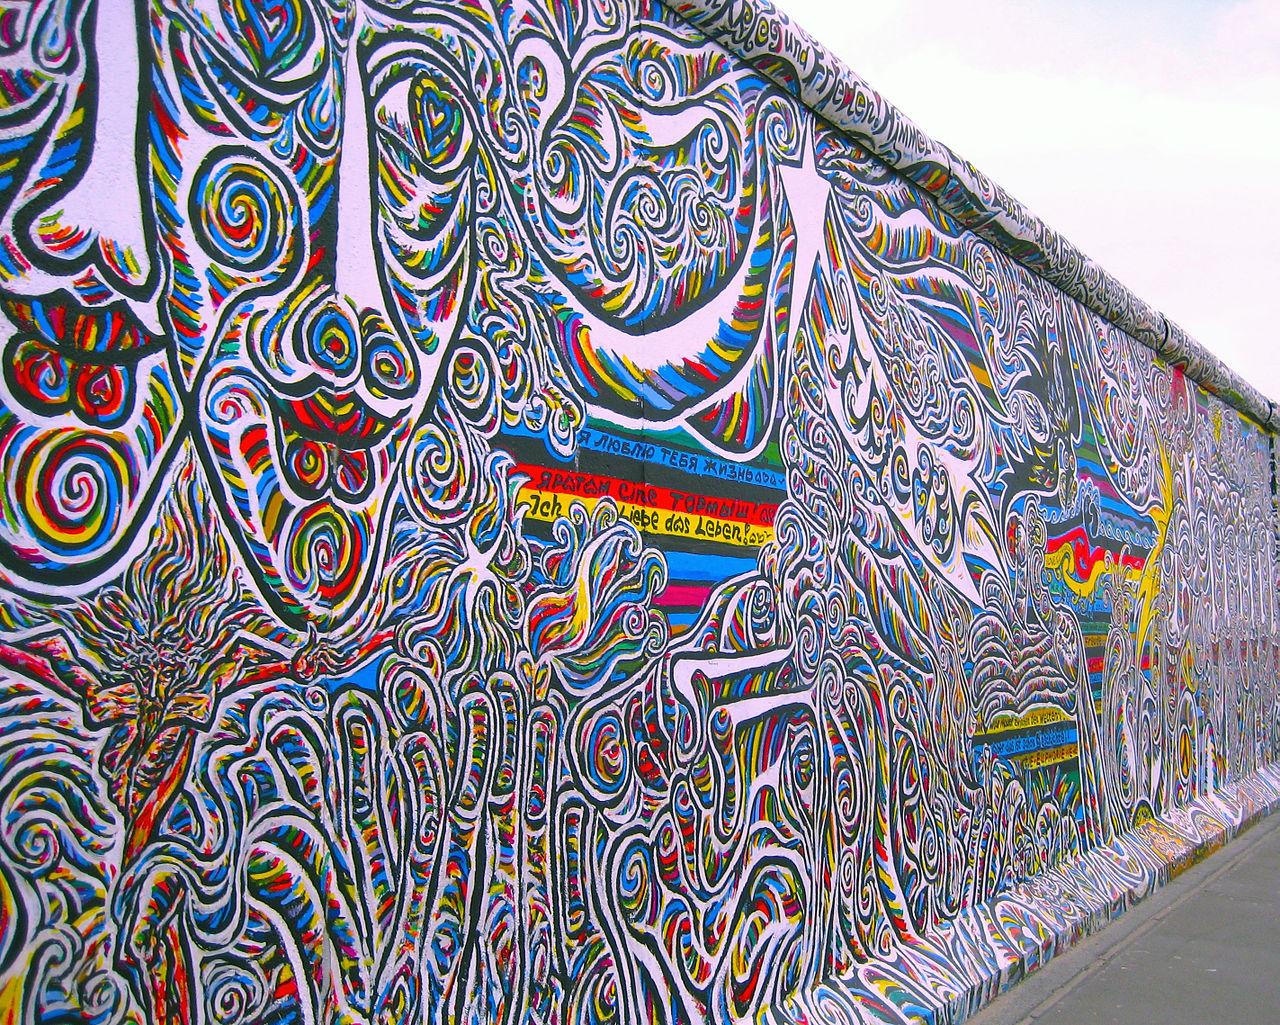 Bild East Side Gallery Berlin